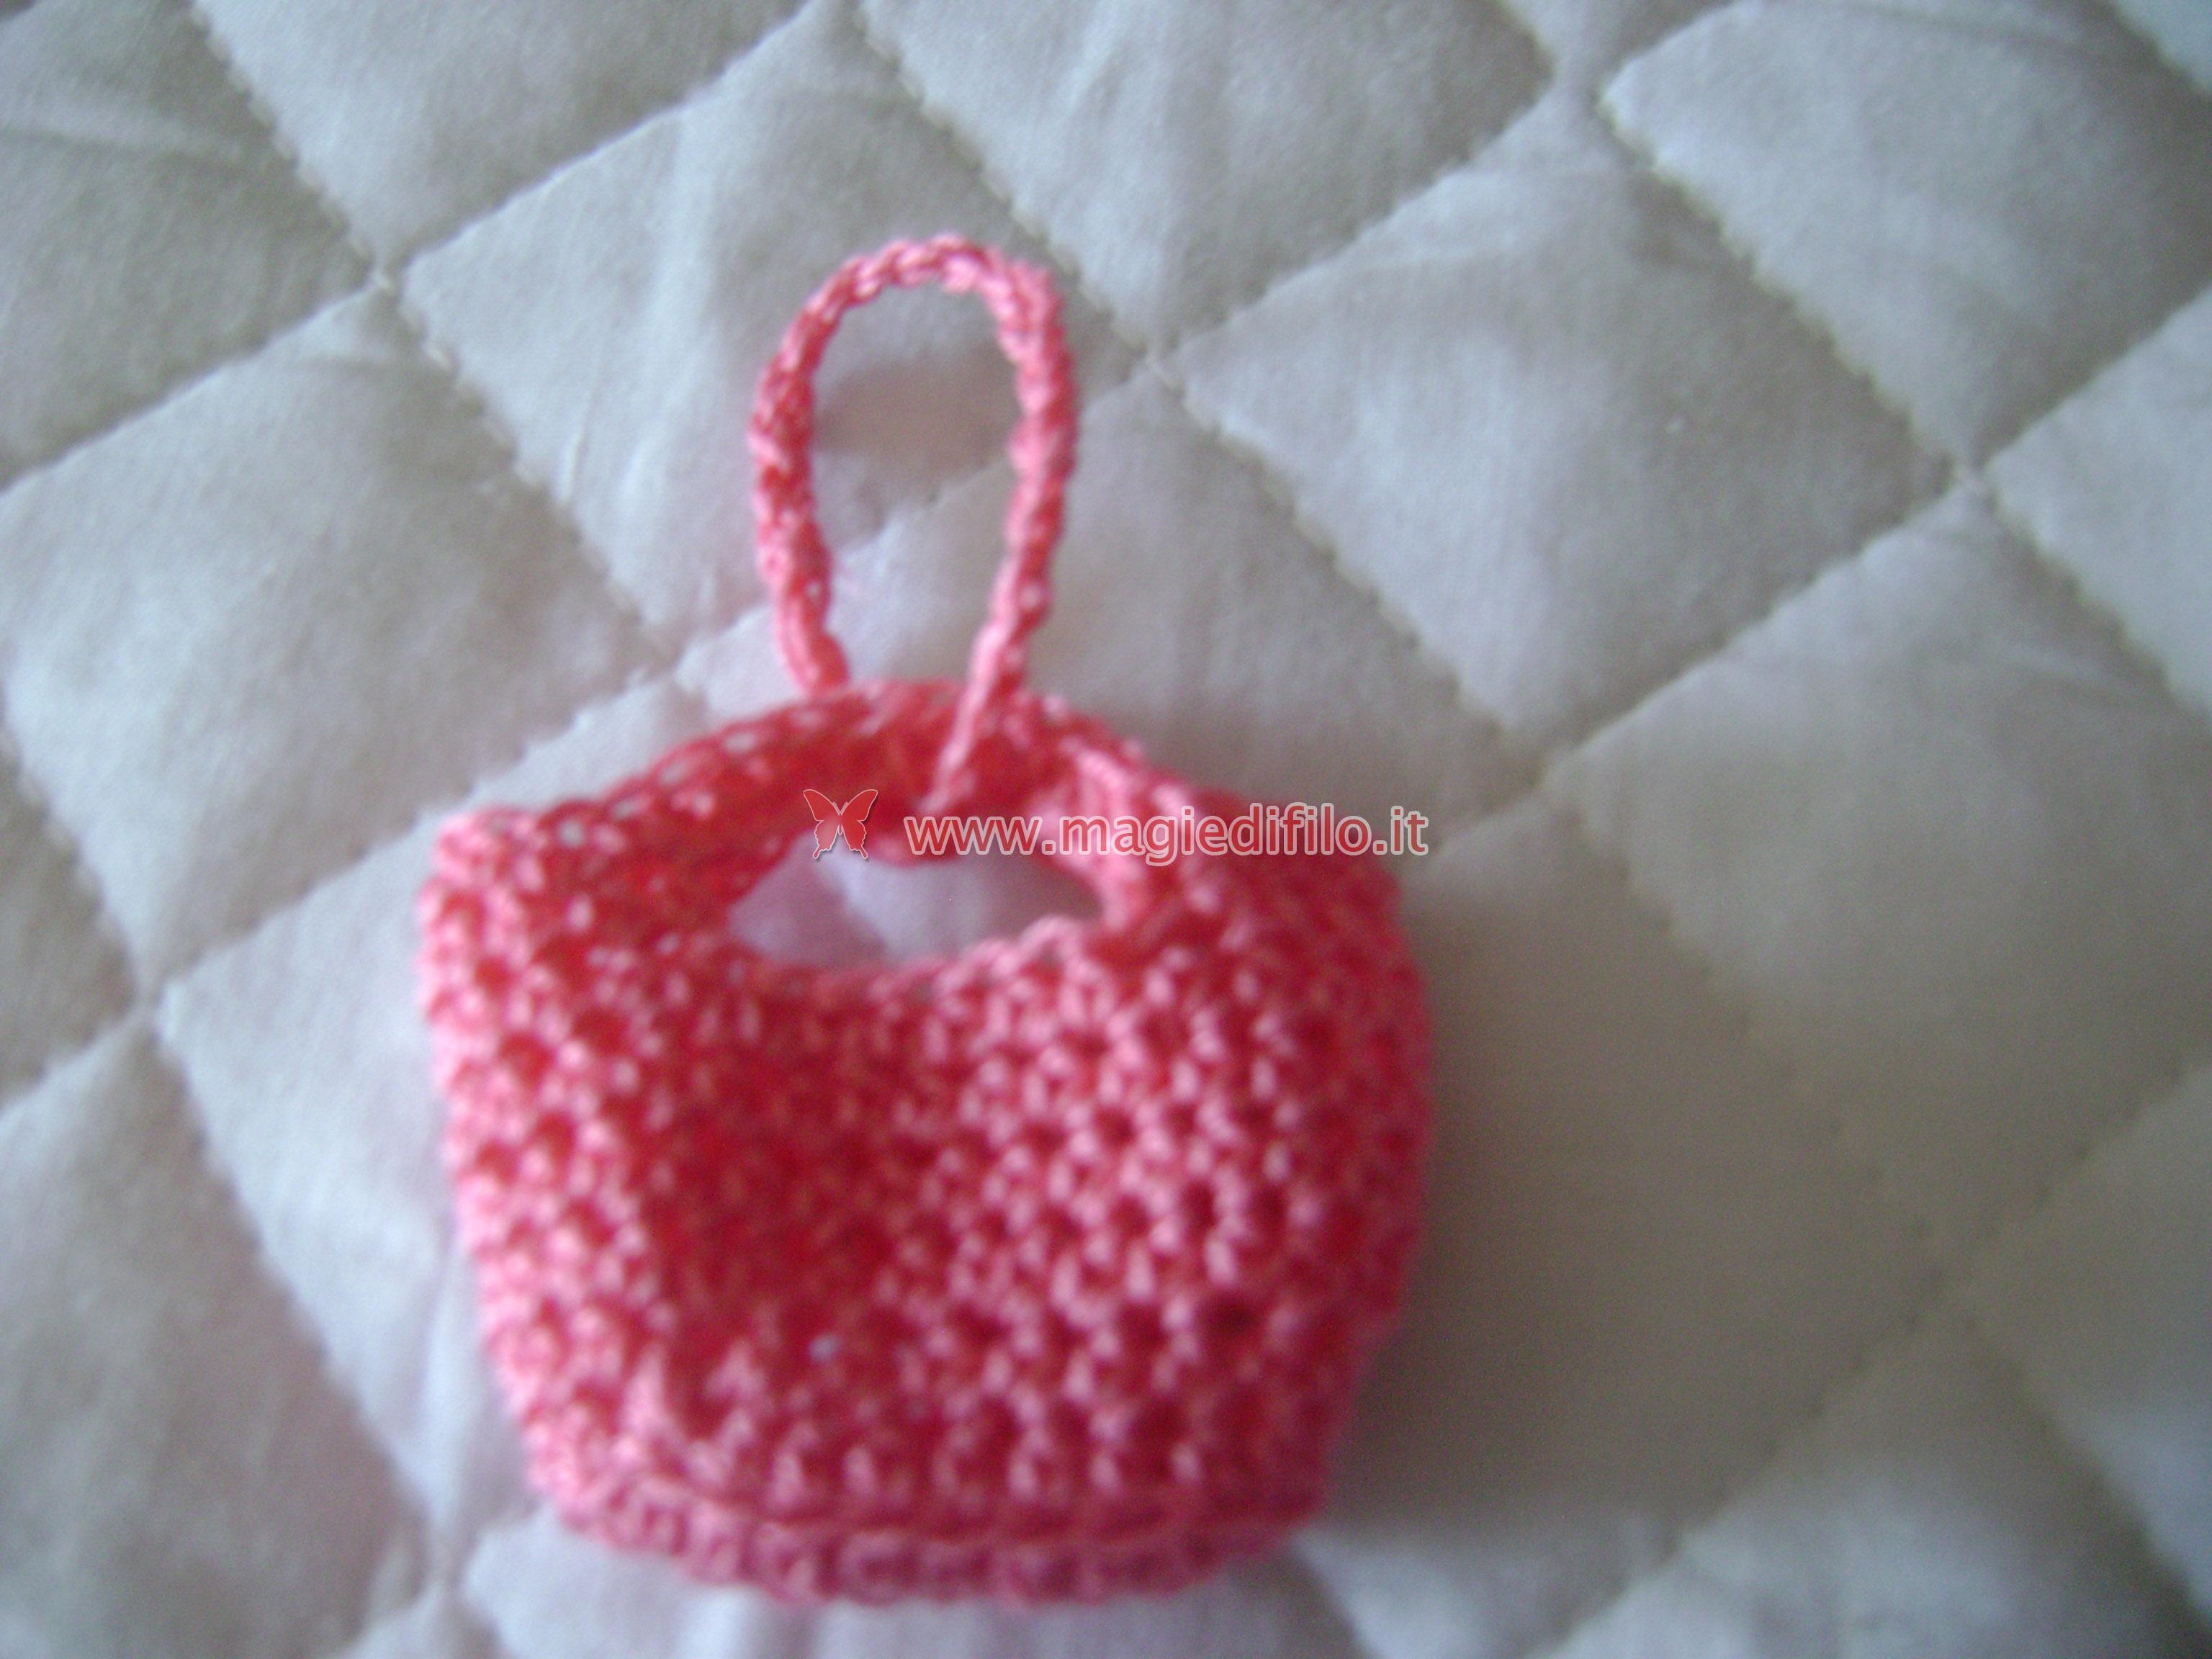 Amigurumi Borsette Uncinetto : creare portachiavi borsetta a uncinetto - guide uncinetto ...